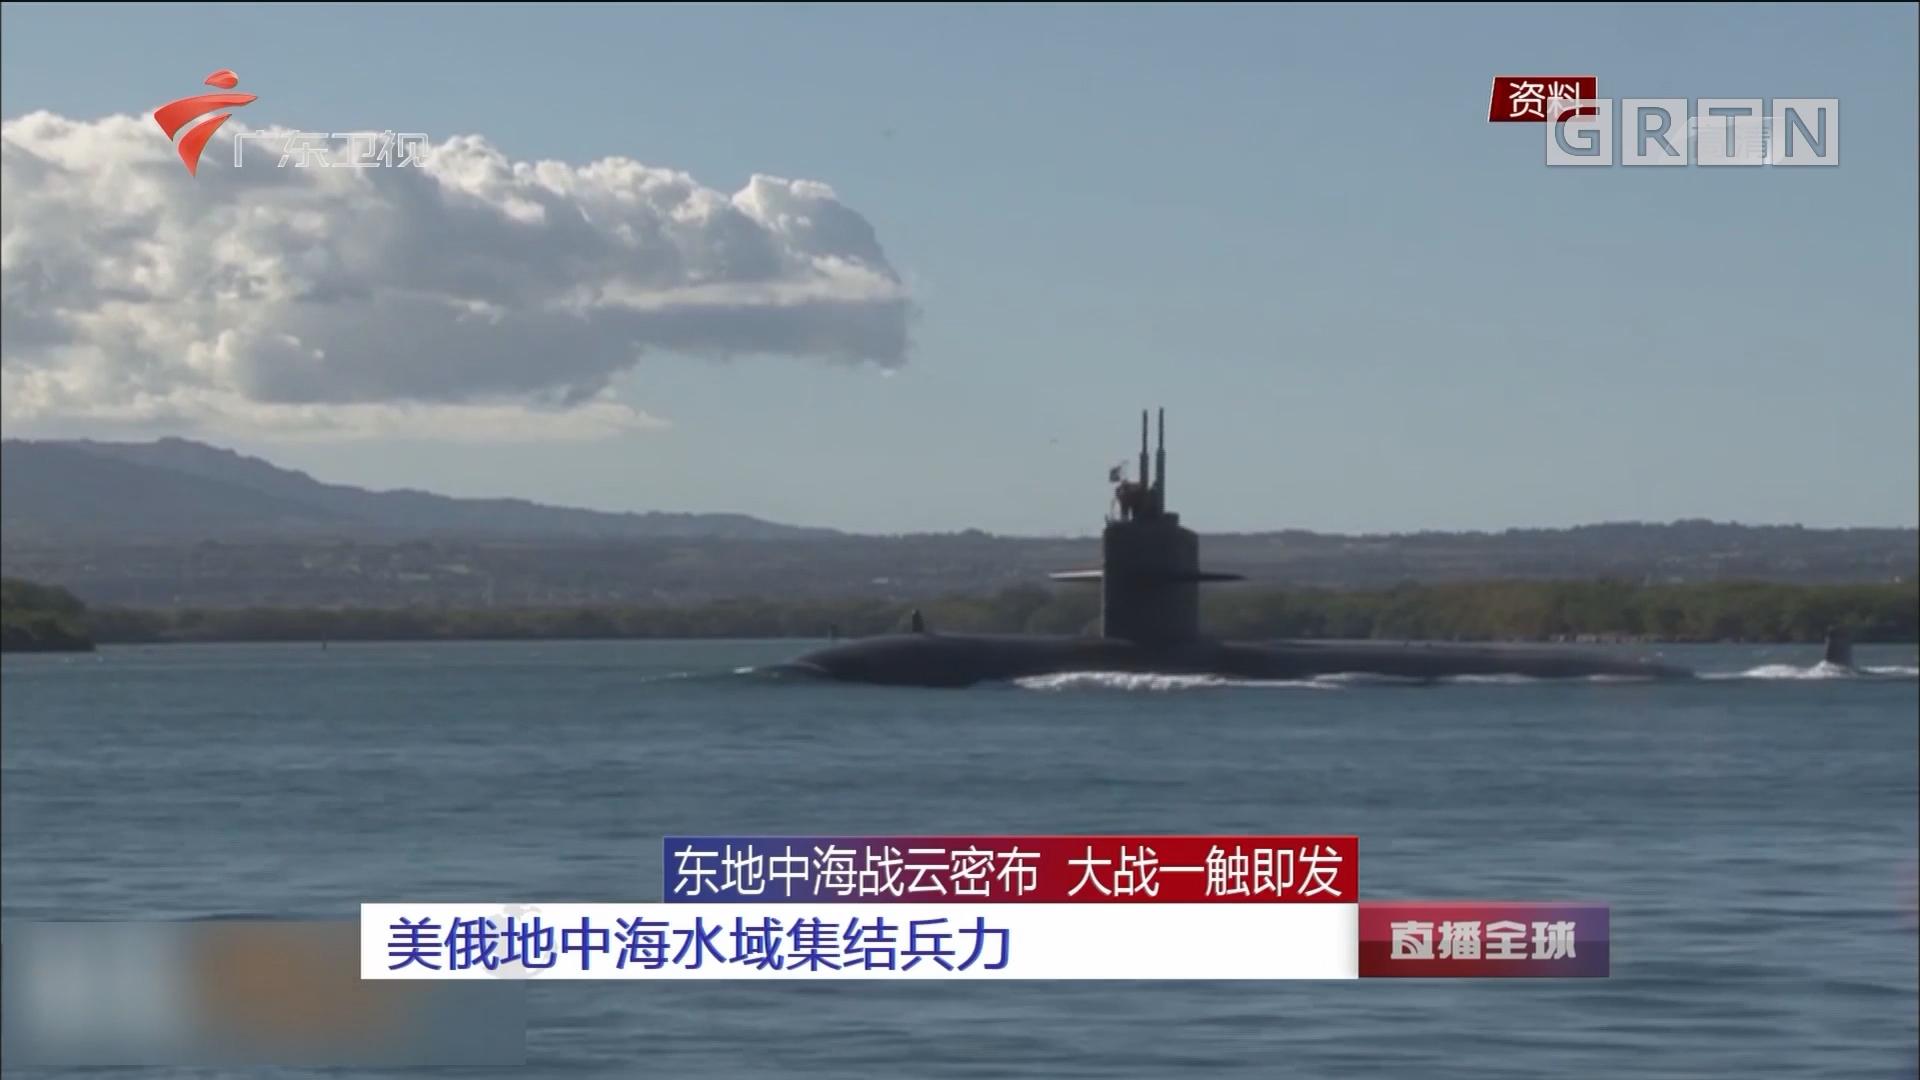 东地中海战云密布 大战一触即发:美俄地中海水域集结兵力